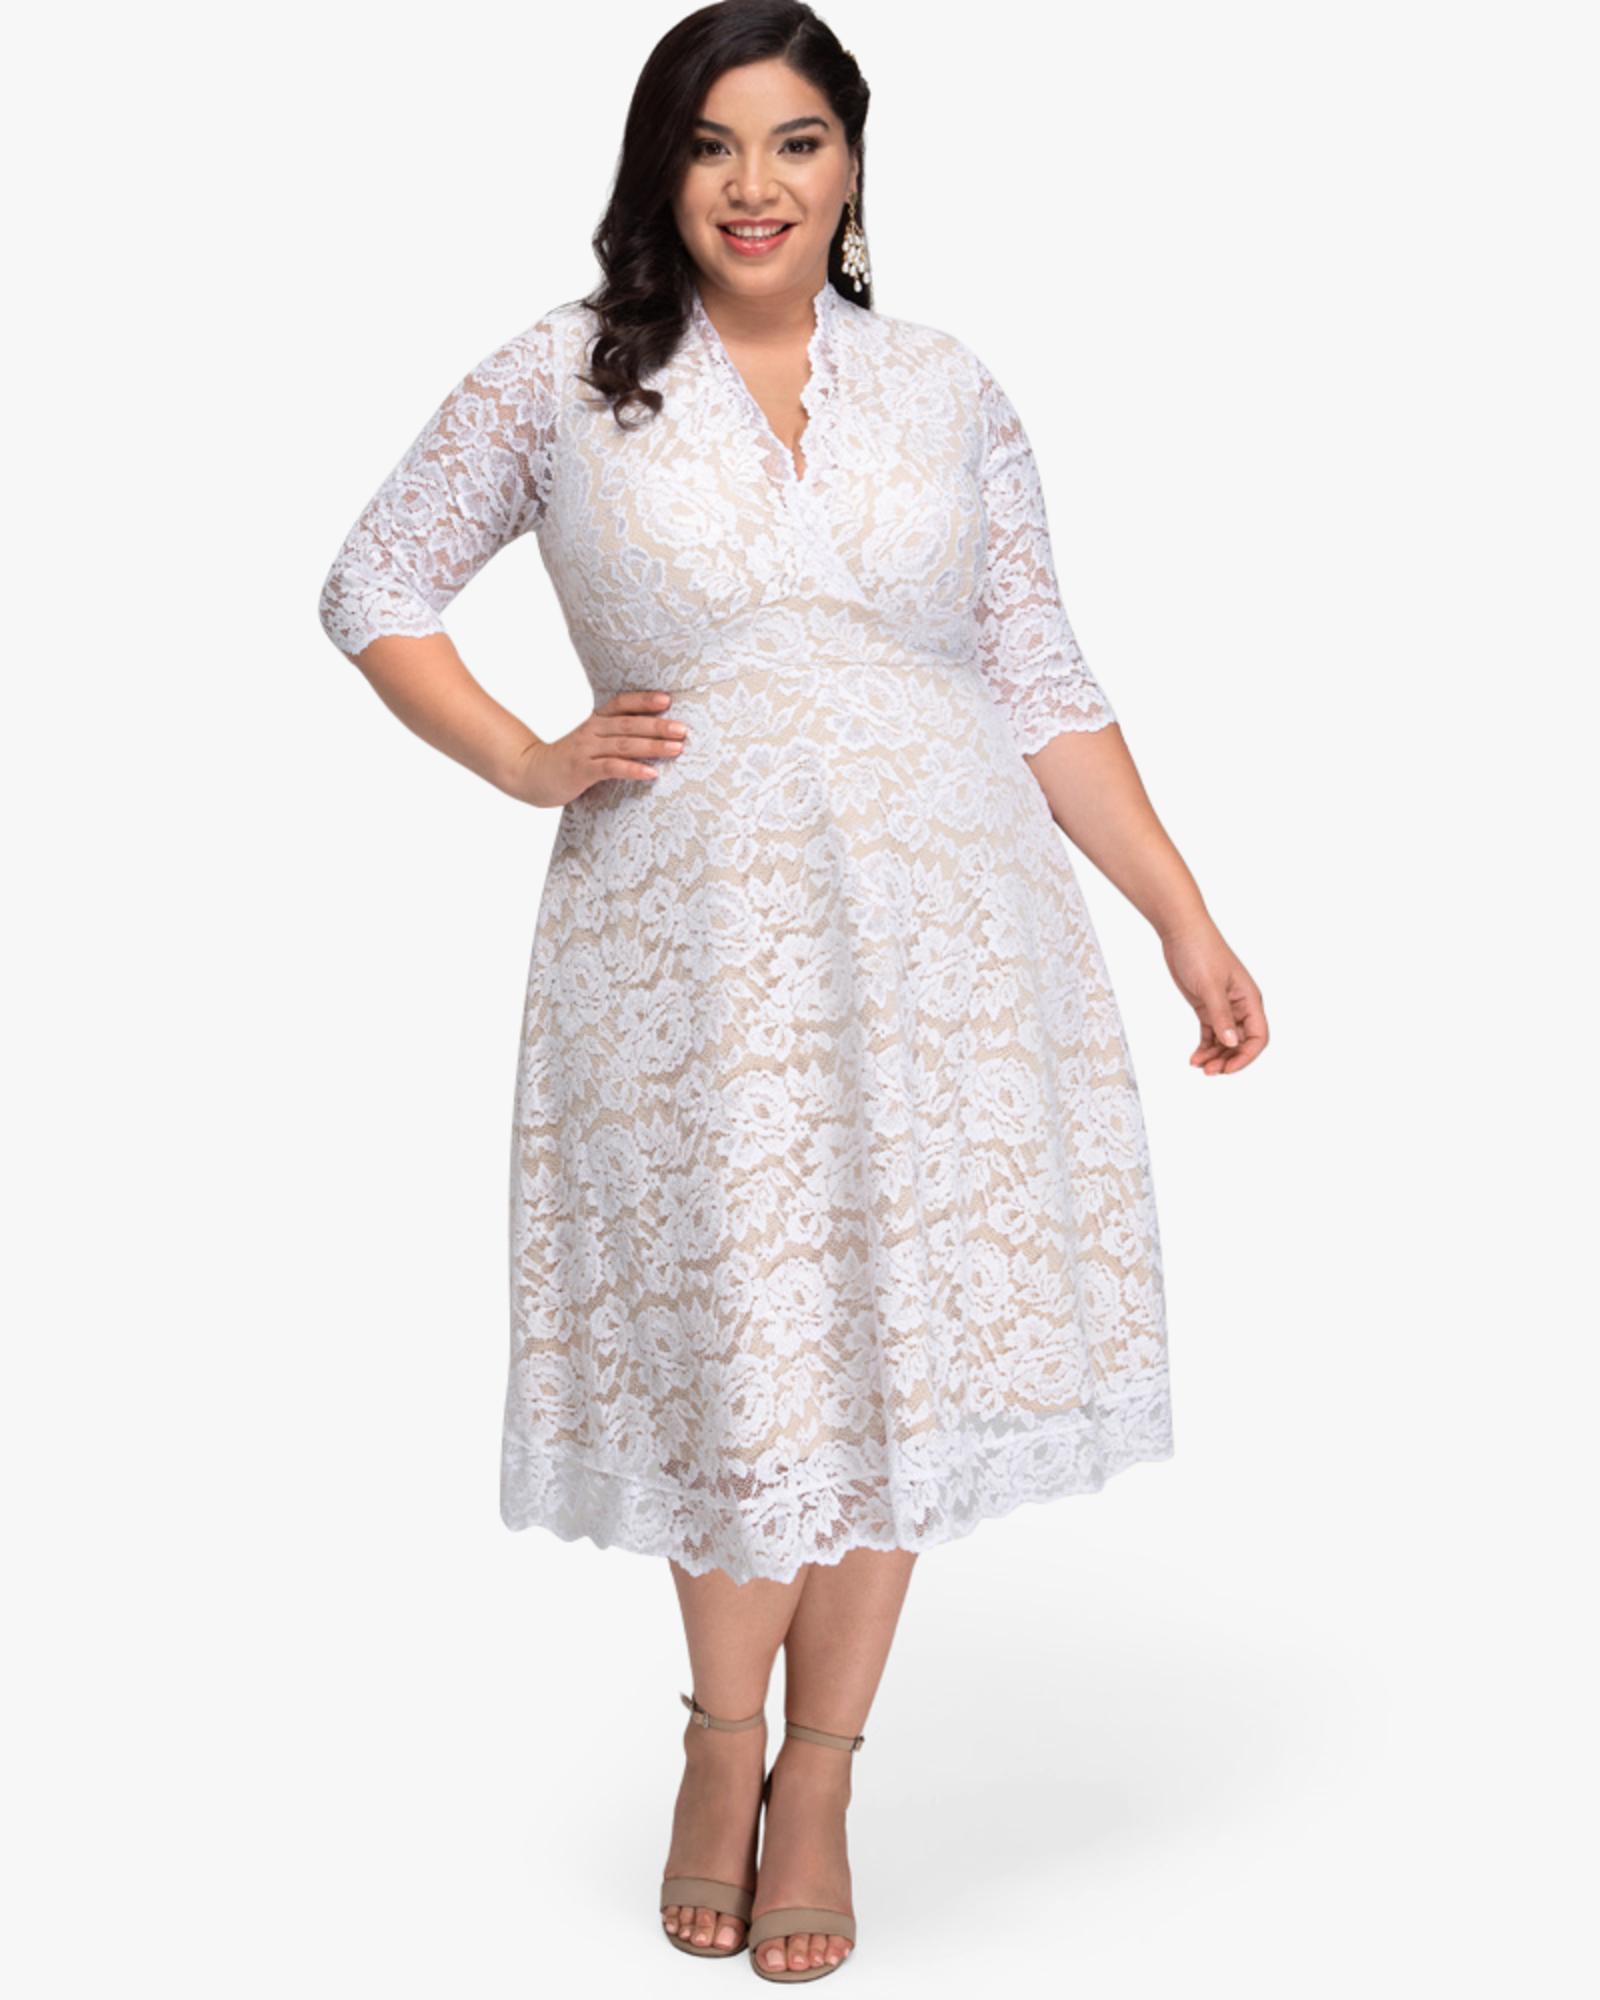 Shalee Plus Size Lace Dress Dia Co Plus Size Lace Dress Lace Dress With Sleeves Lace Dress [ 2000 x 1600 Pixel ]